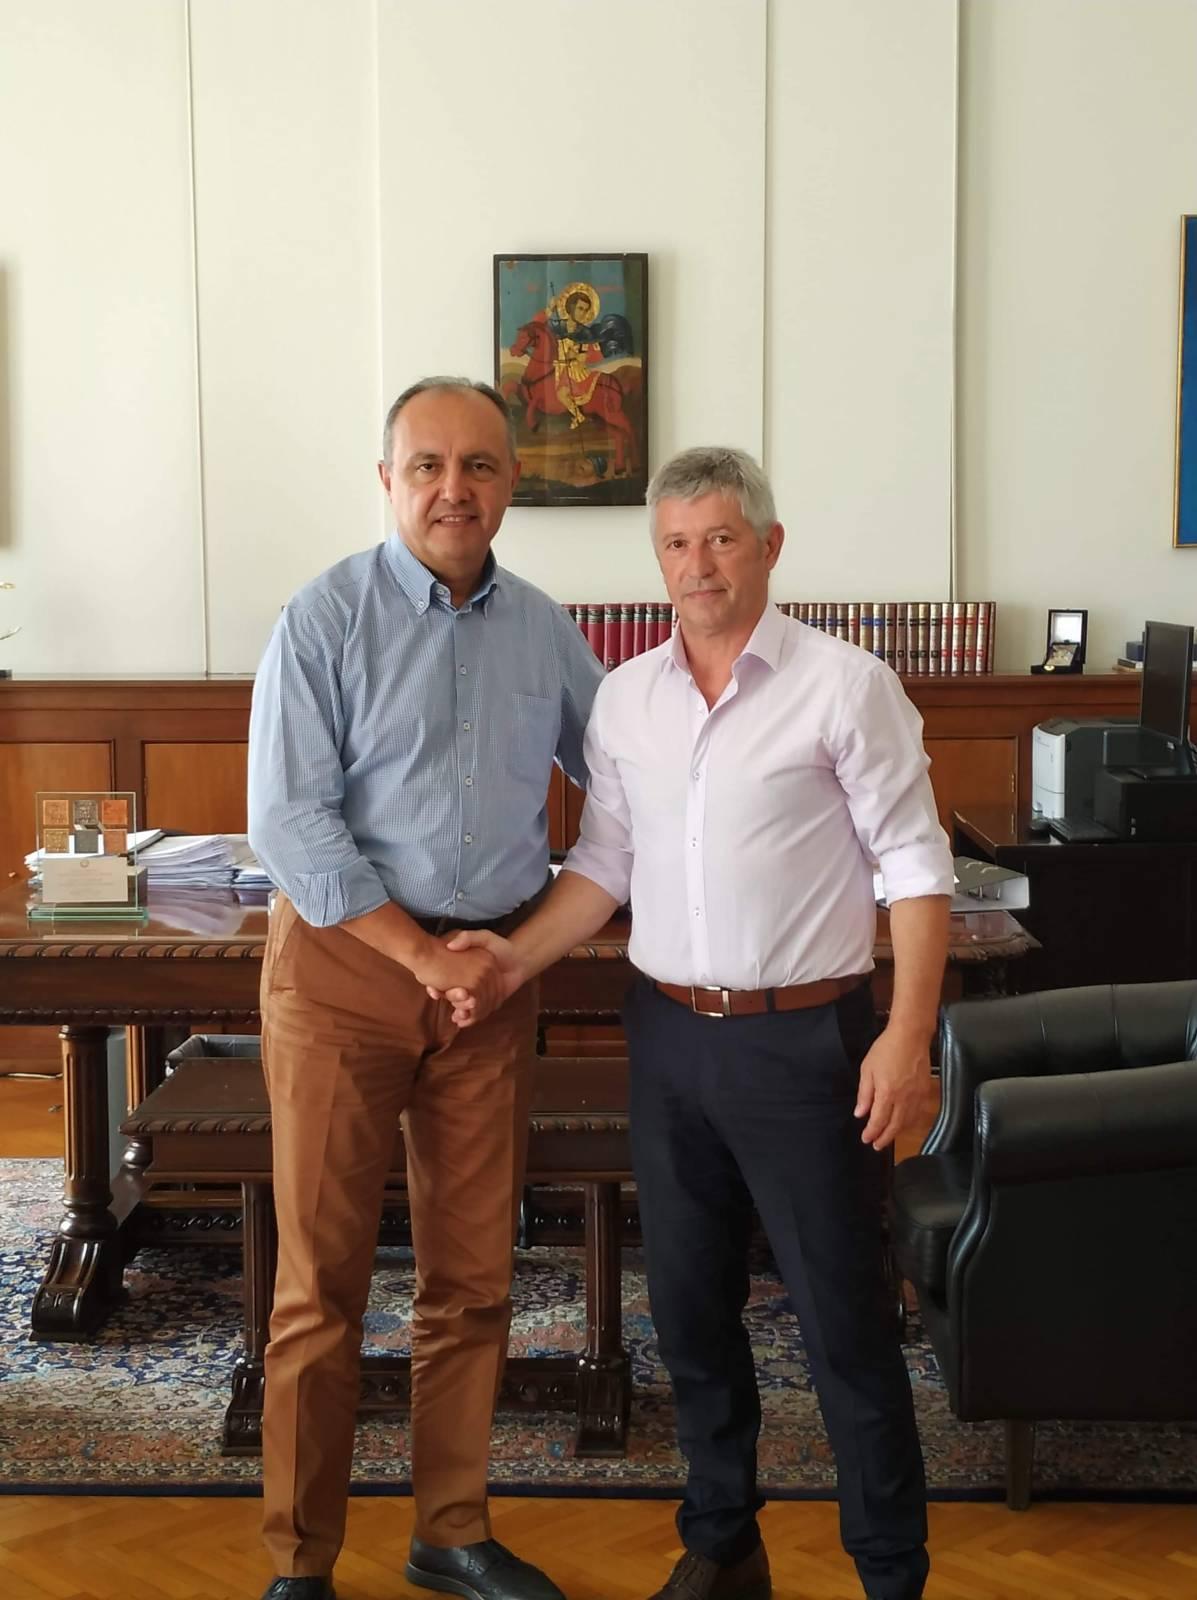 Η συνάντηση του Κορδίλα Δημήτρη με τον Υφυπουργό Εσωτερικών κ. Καράογλου Θεόδωρο